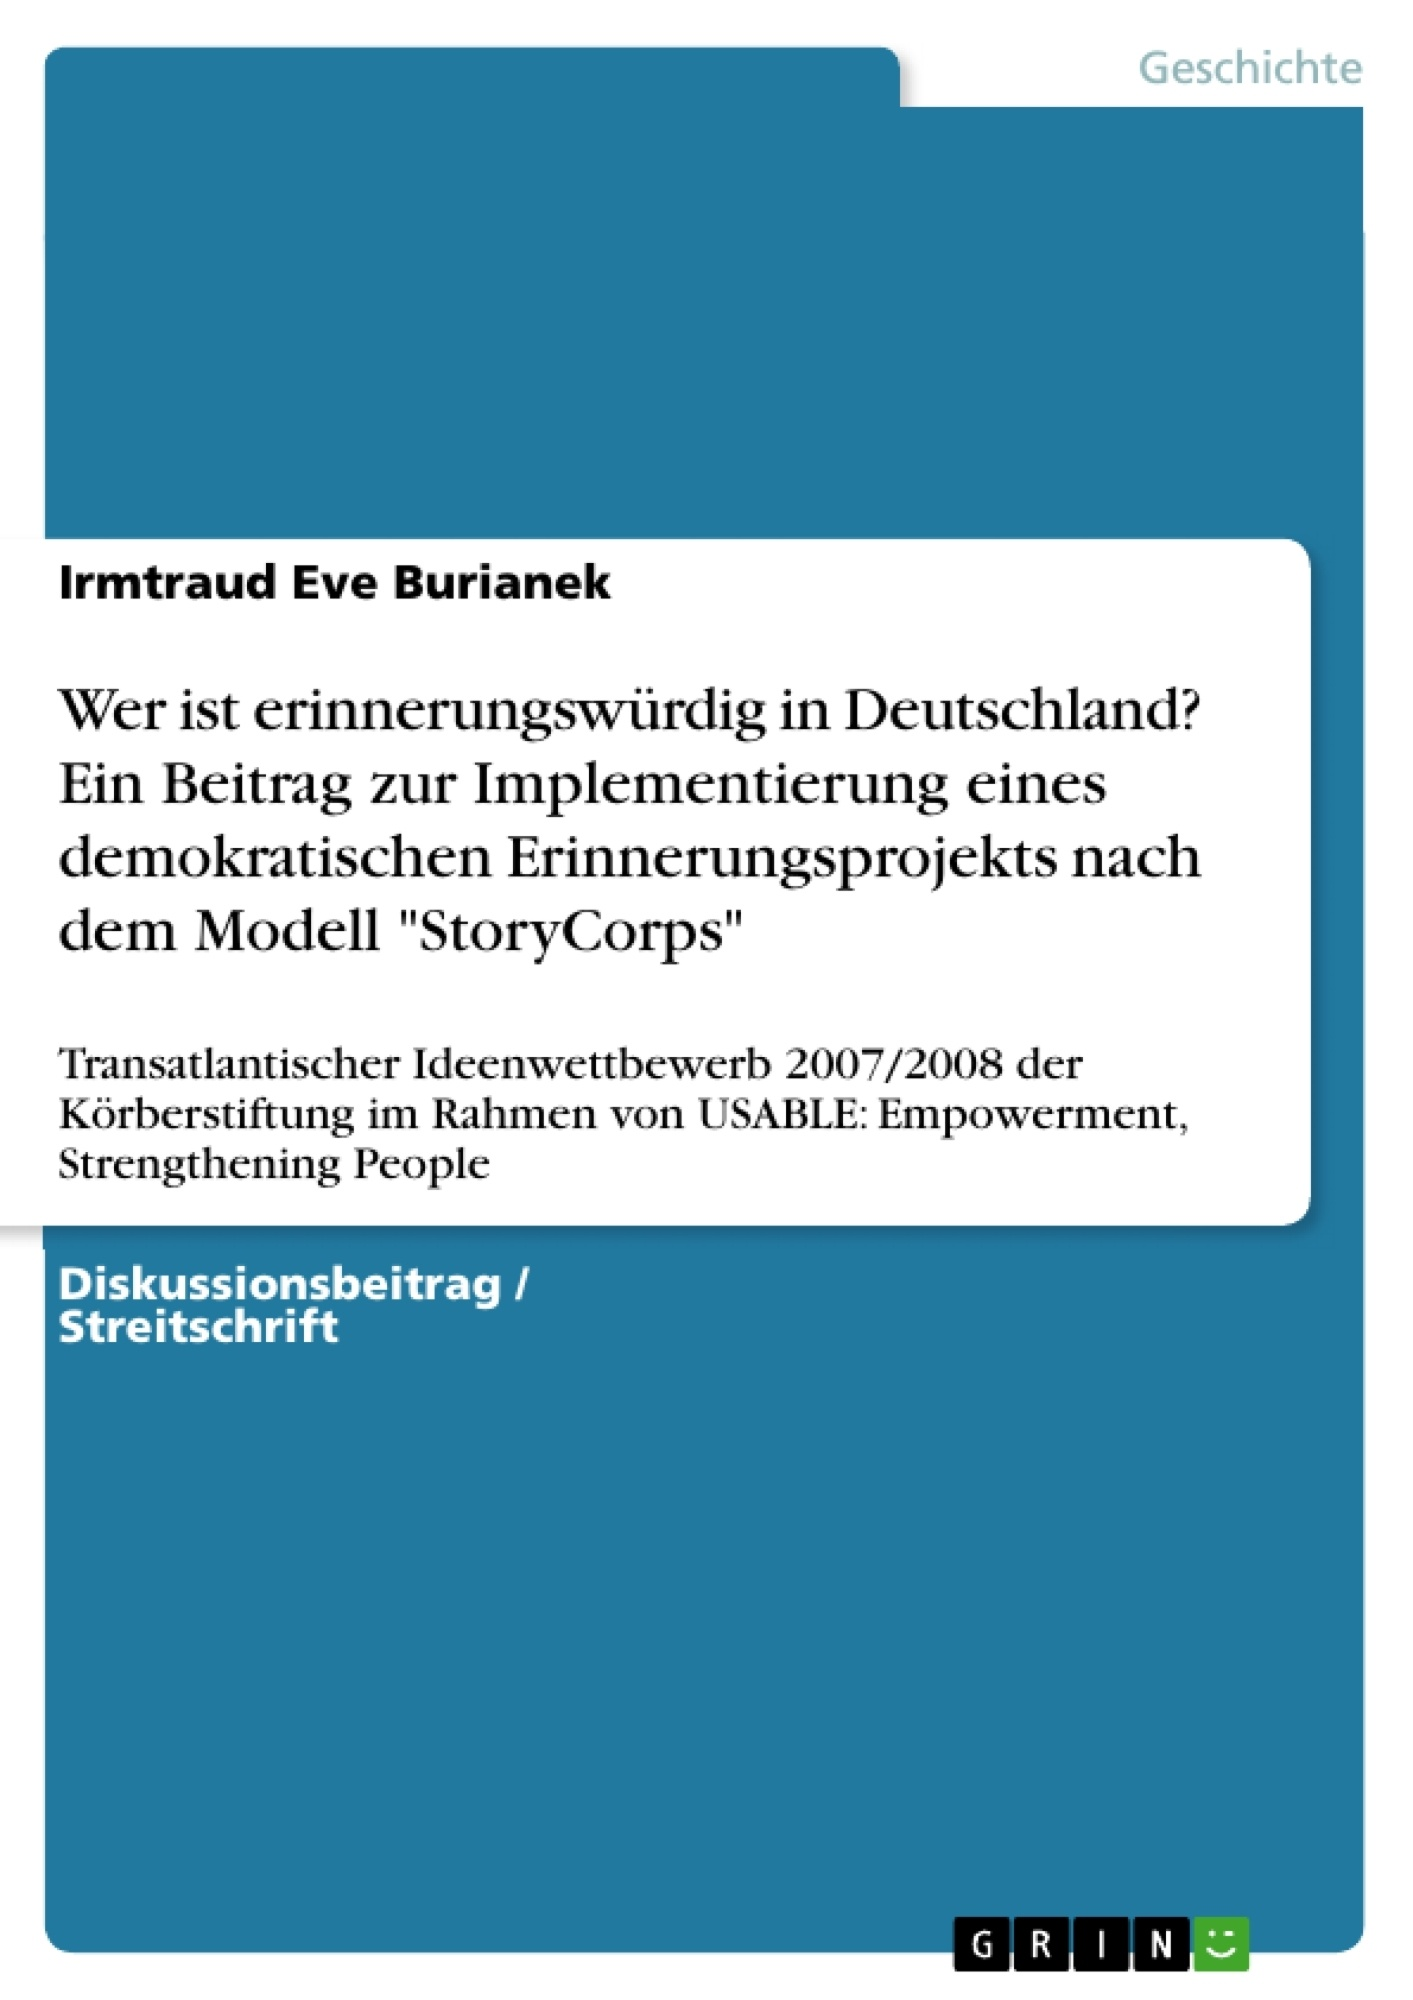 """Titel: Wer ist erinnerungswürdig in Deutschland? Ein Beitrag zur Implementierung eines demokratischen Erinnerungsprojekts nach dem Modell """"StoryCorps"""""""